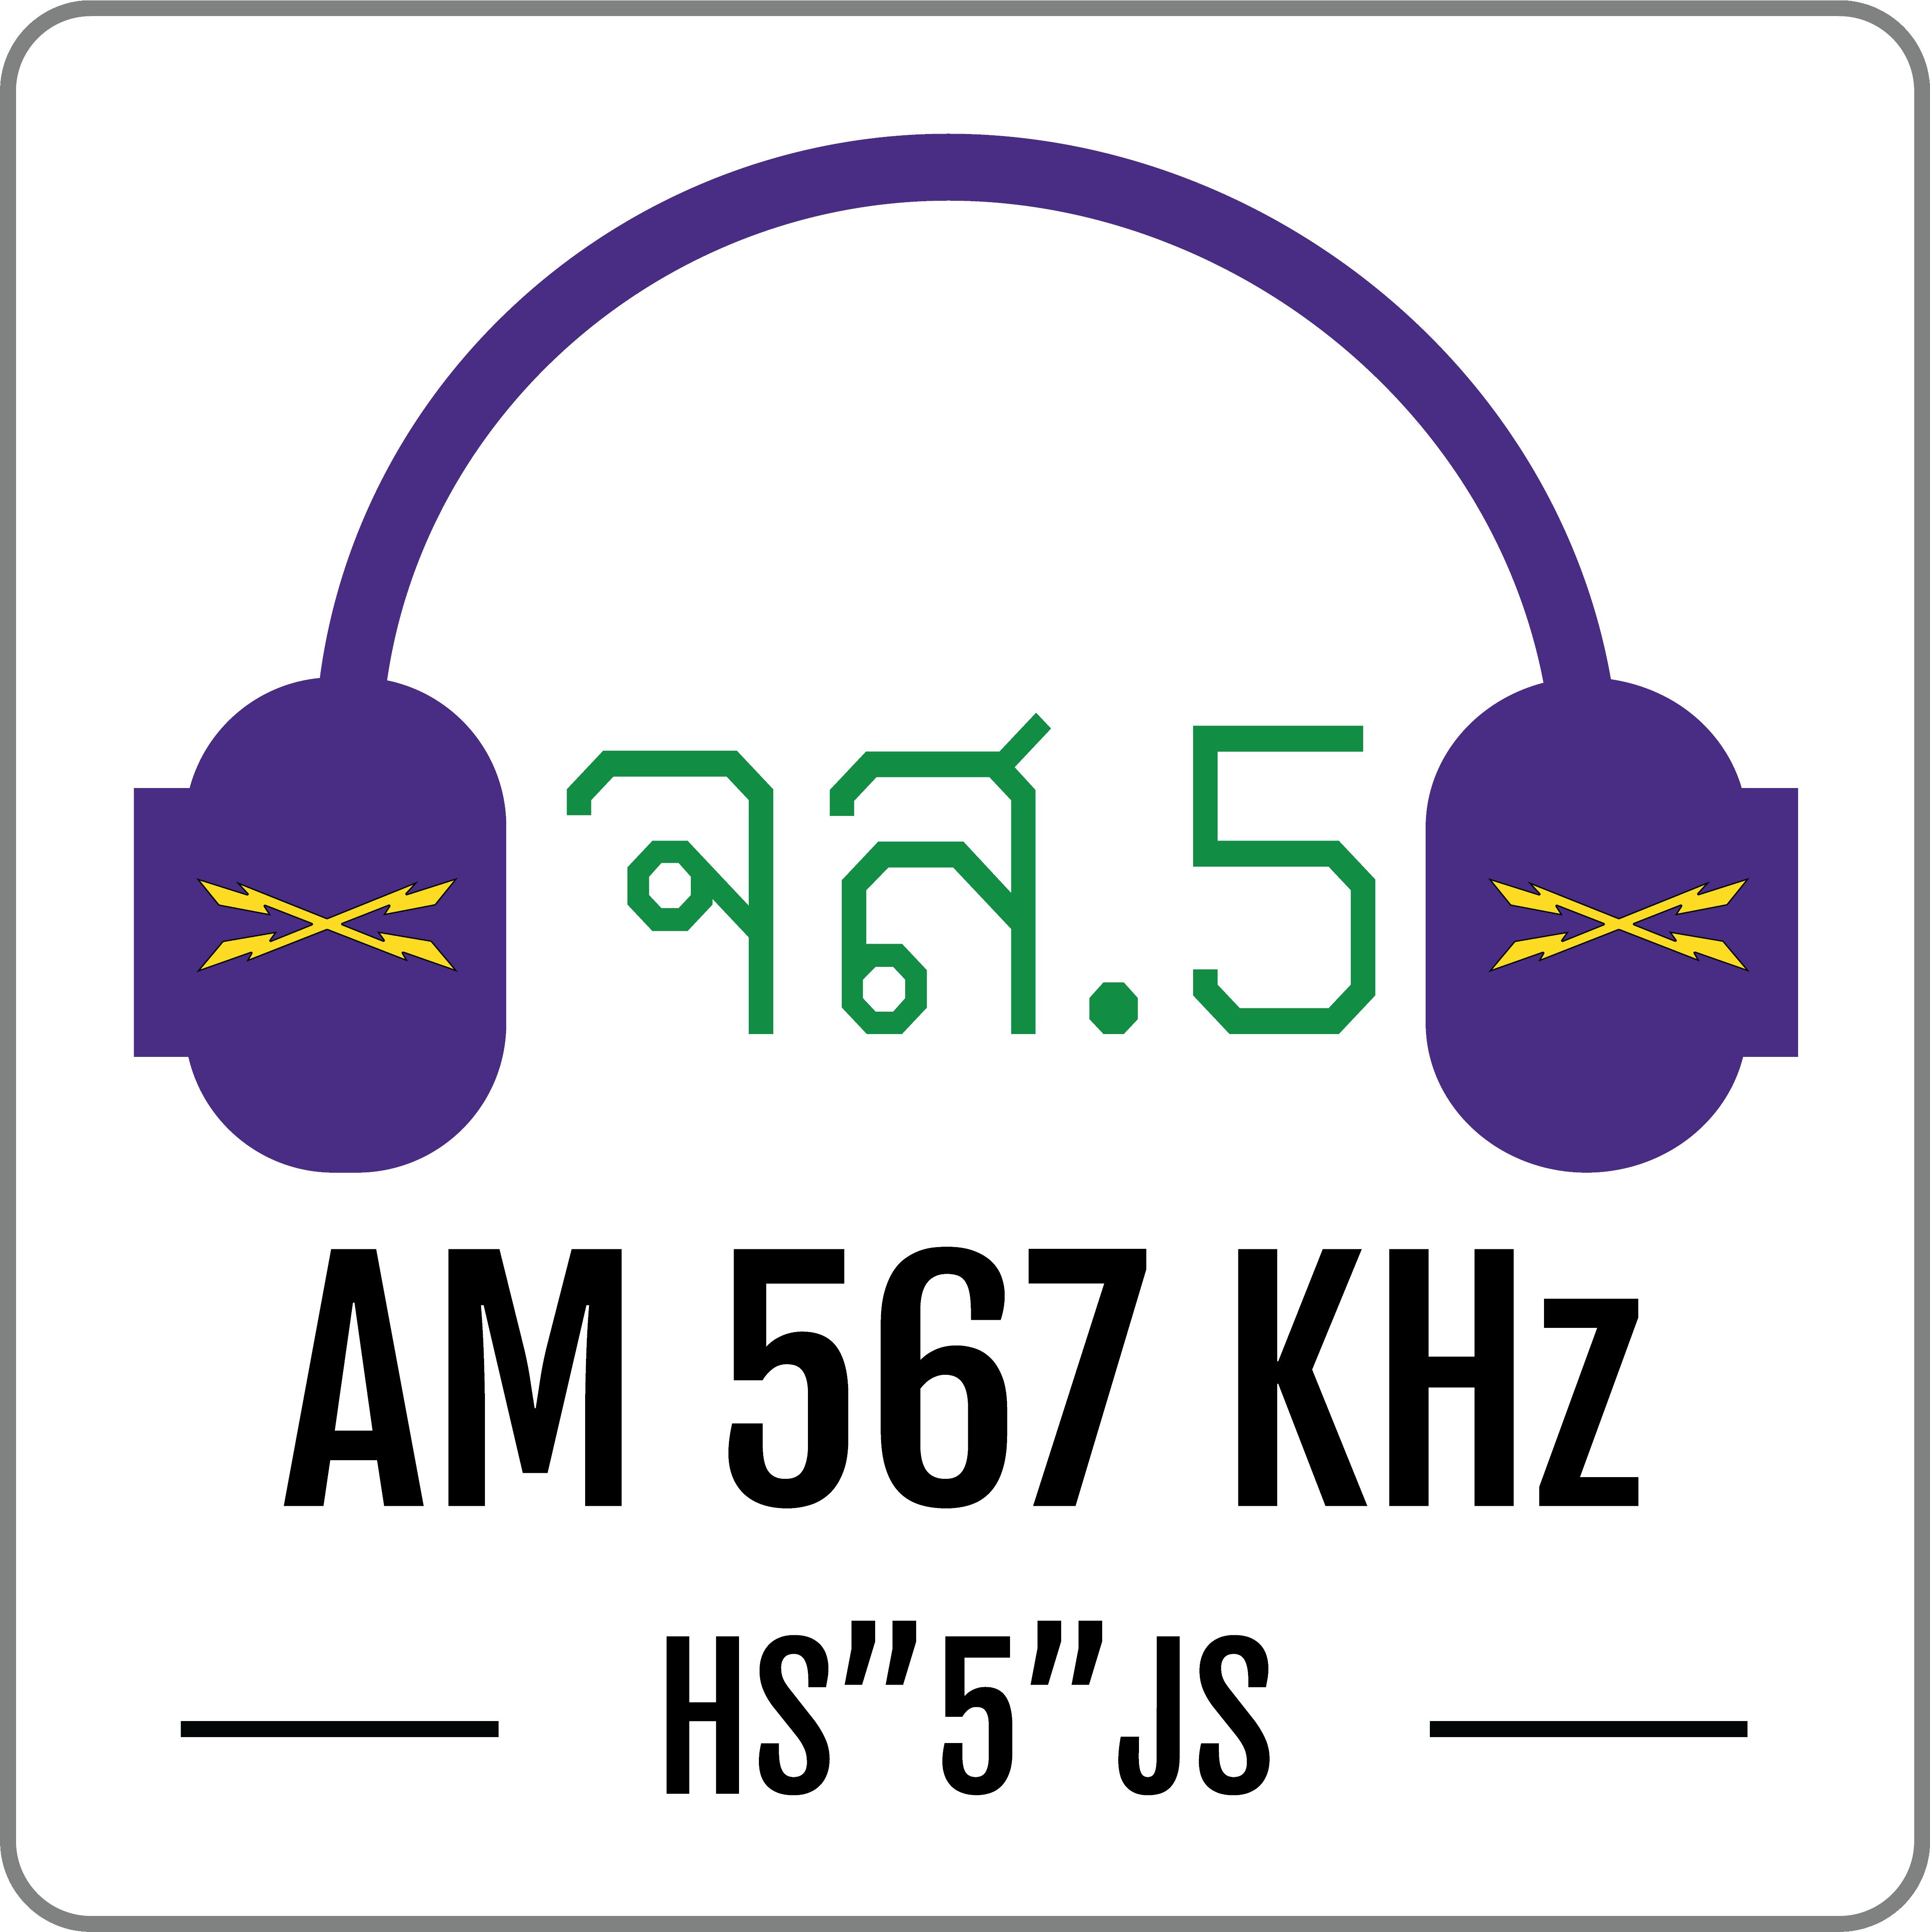 สถานีวิทยุจเรทหารสื่อสาร 5 AM ชัยภูมิ